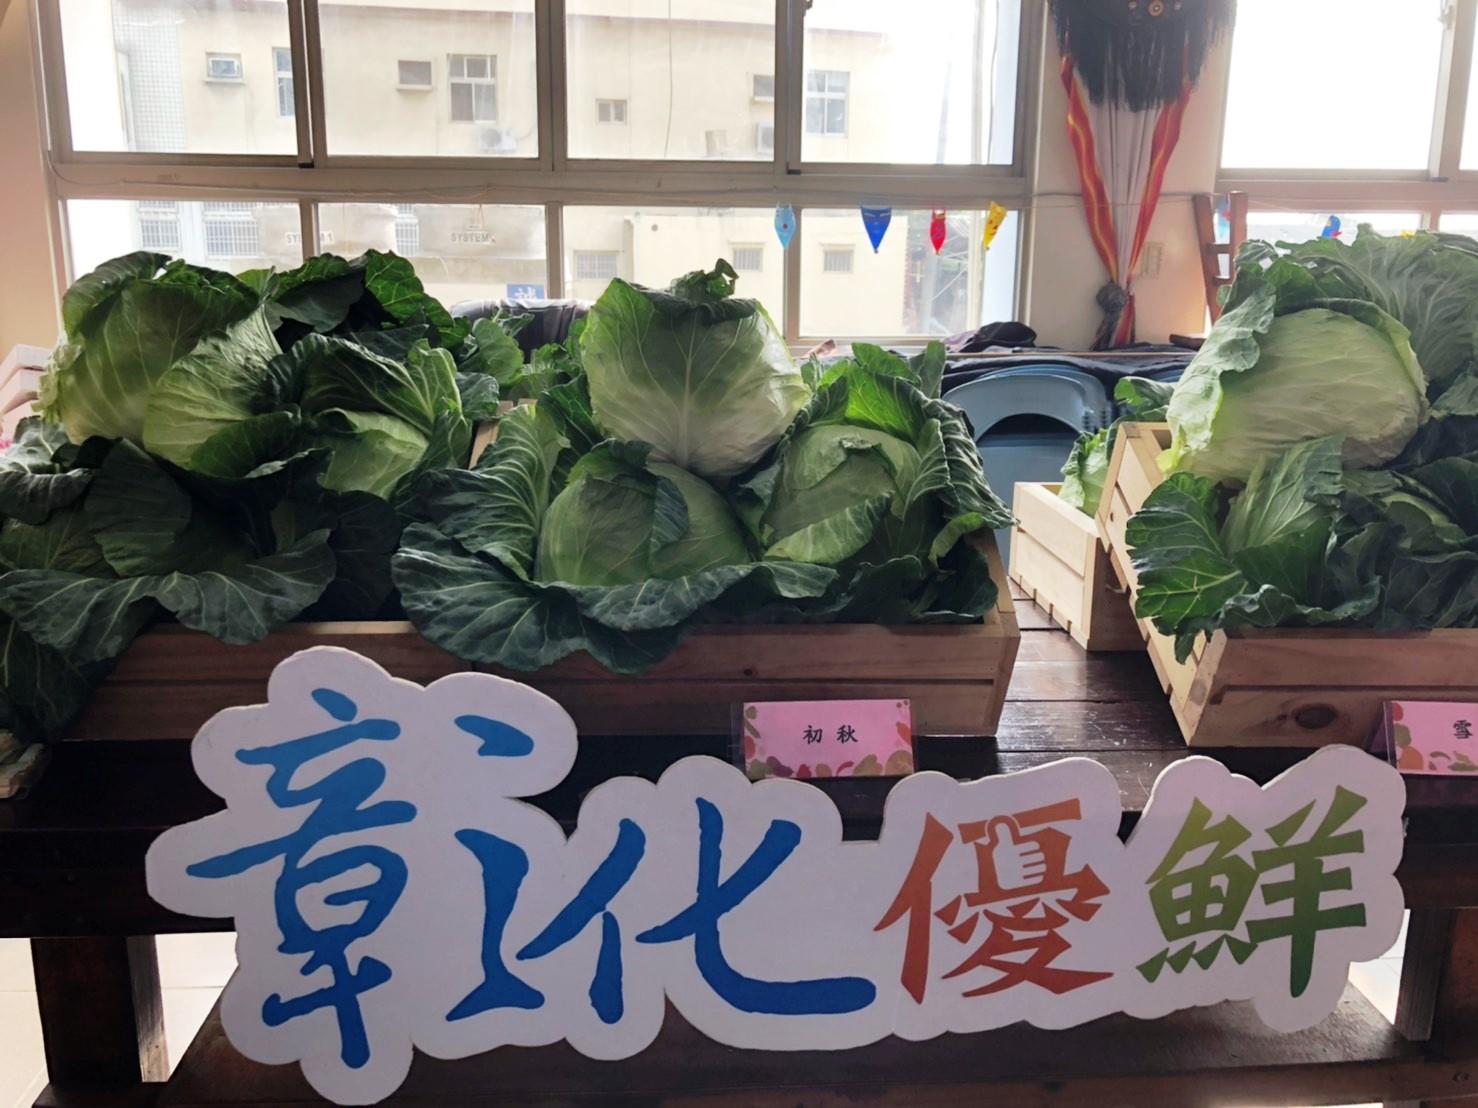 縣府促銷高麗菜再出招  北上賣農產歡迎採嘗鮮 高麗菜水餃大賽歡迎報名